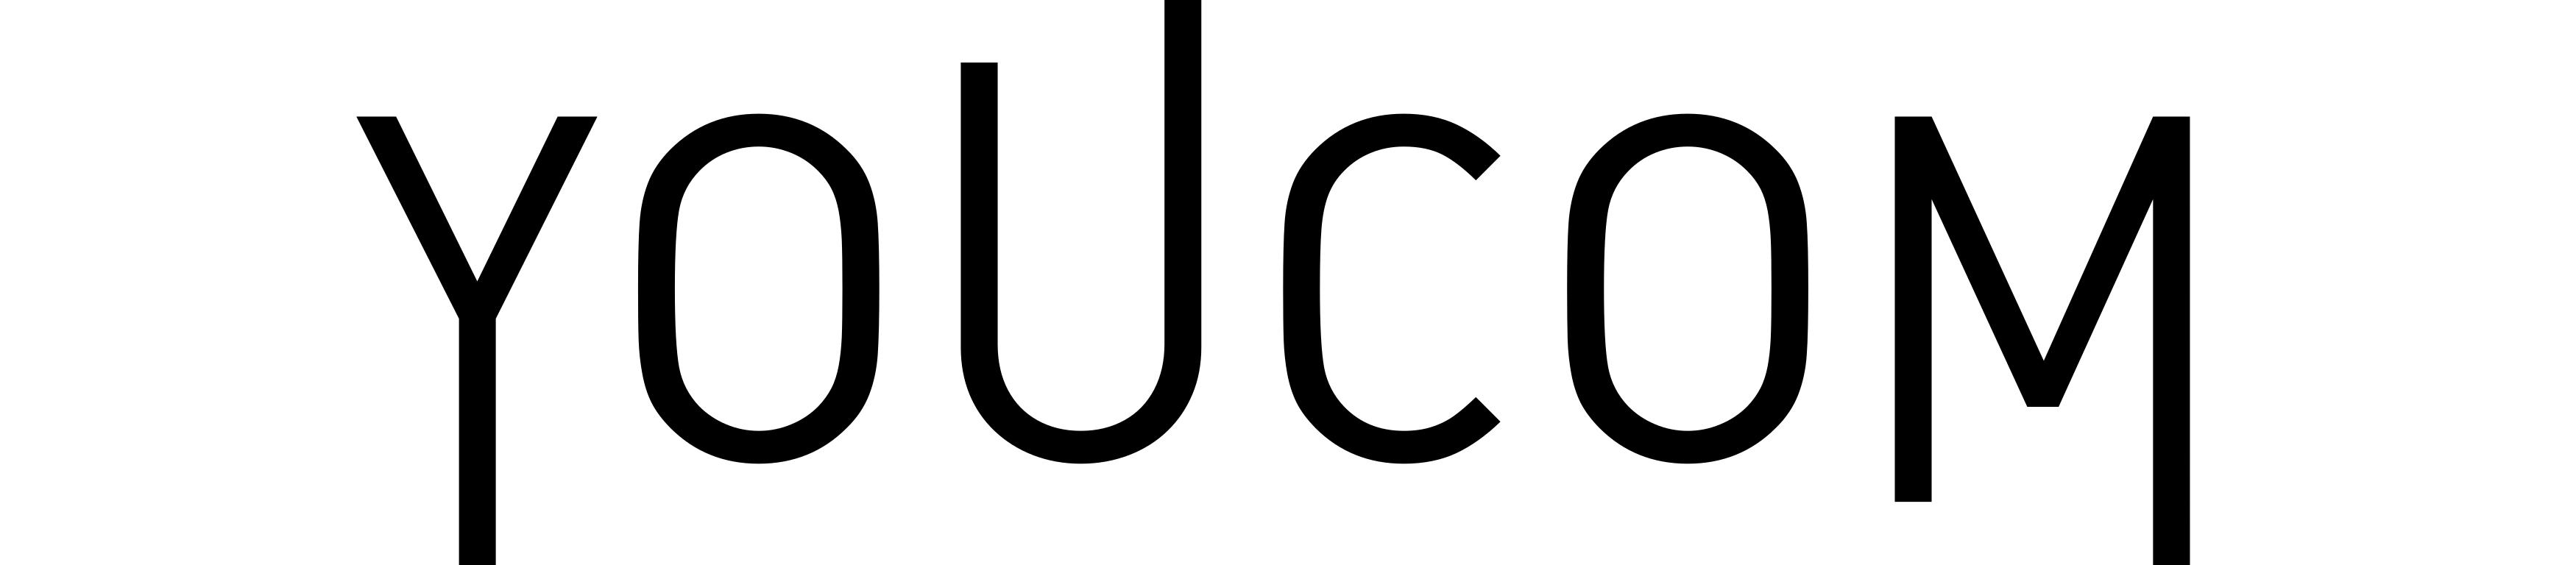 youcom logo 11 - Youcom Logo